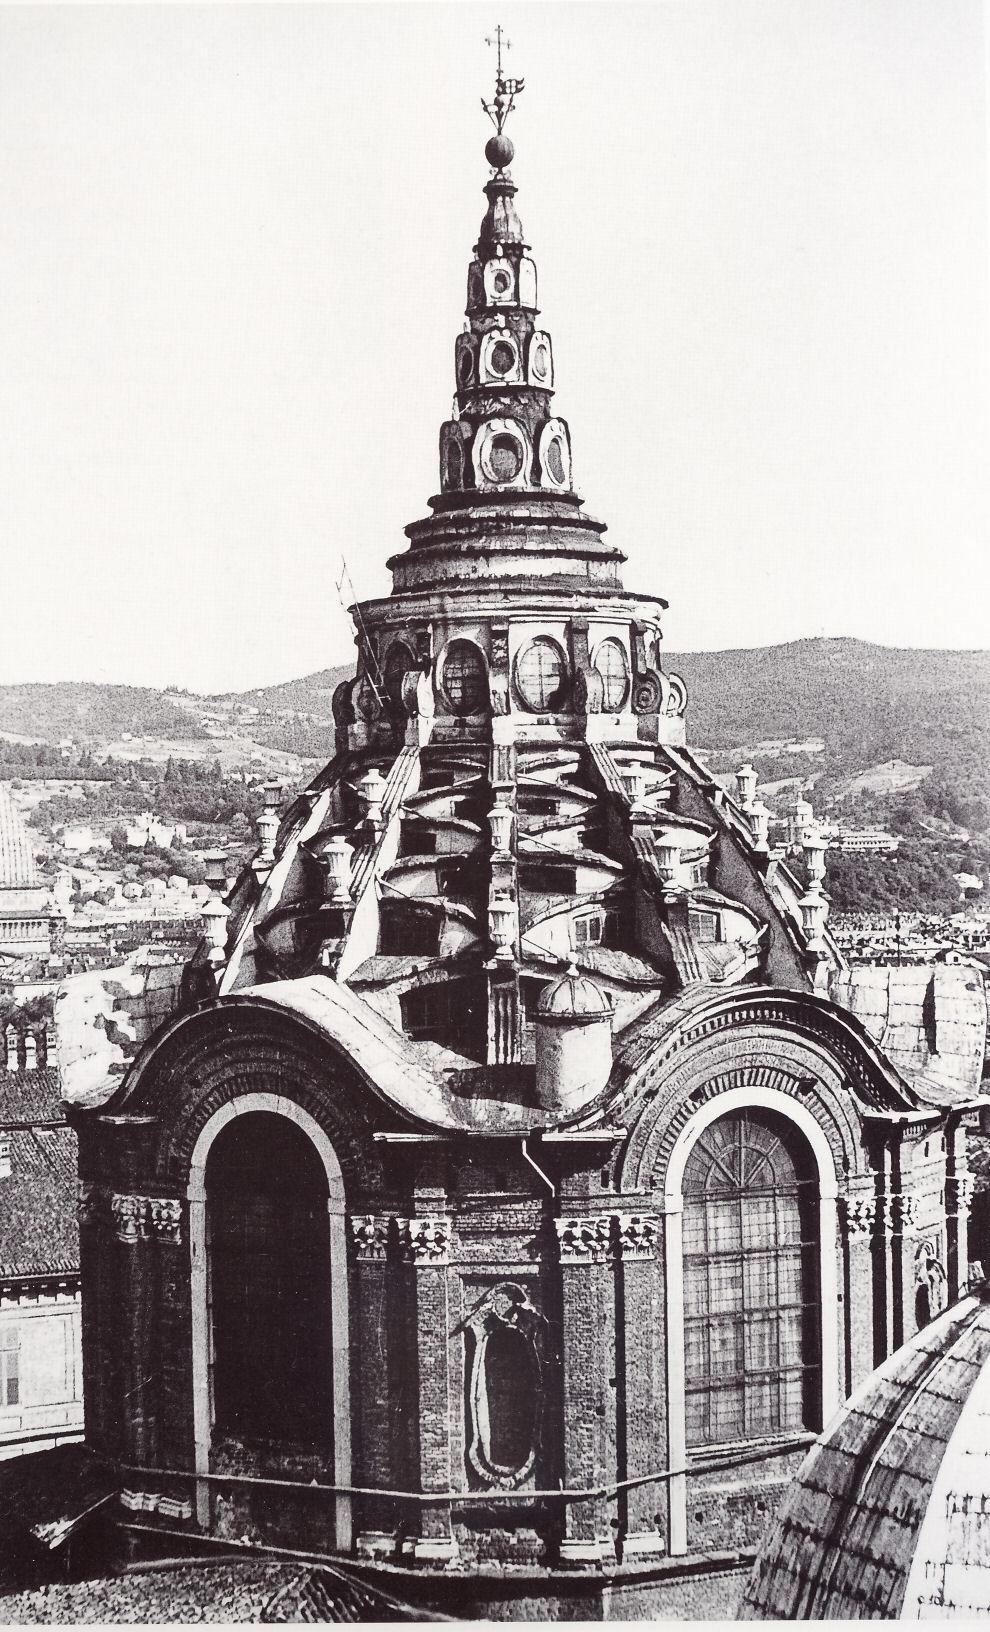 Impressive 10 baroque architecture characteristics design for Baroque architecture characteristics list